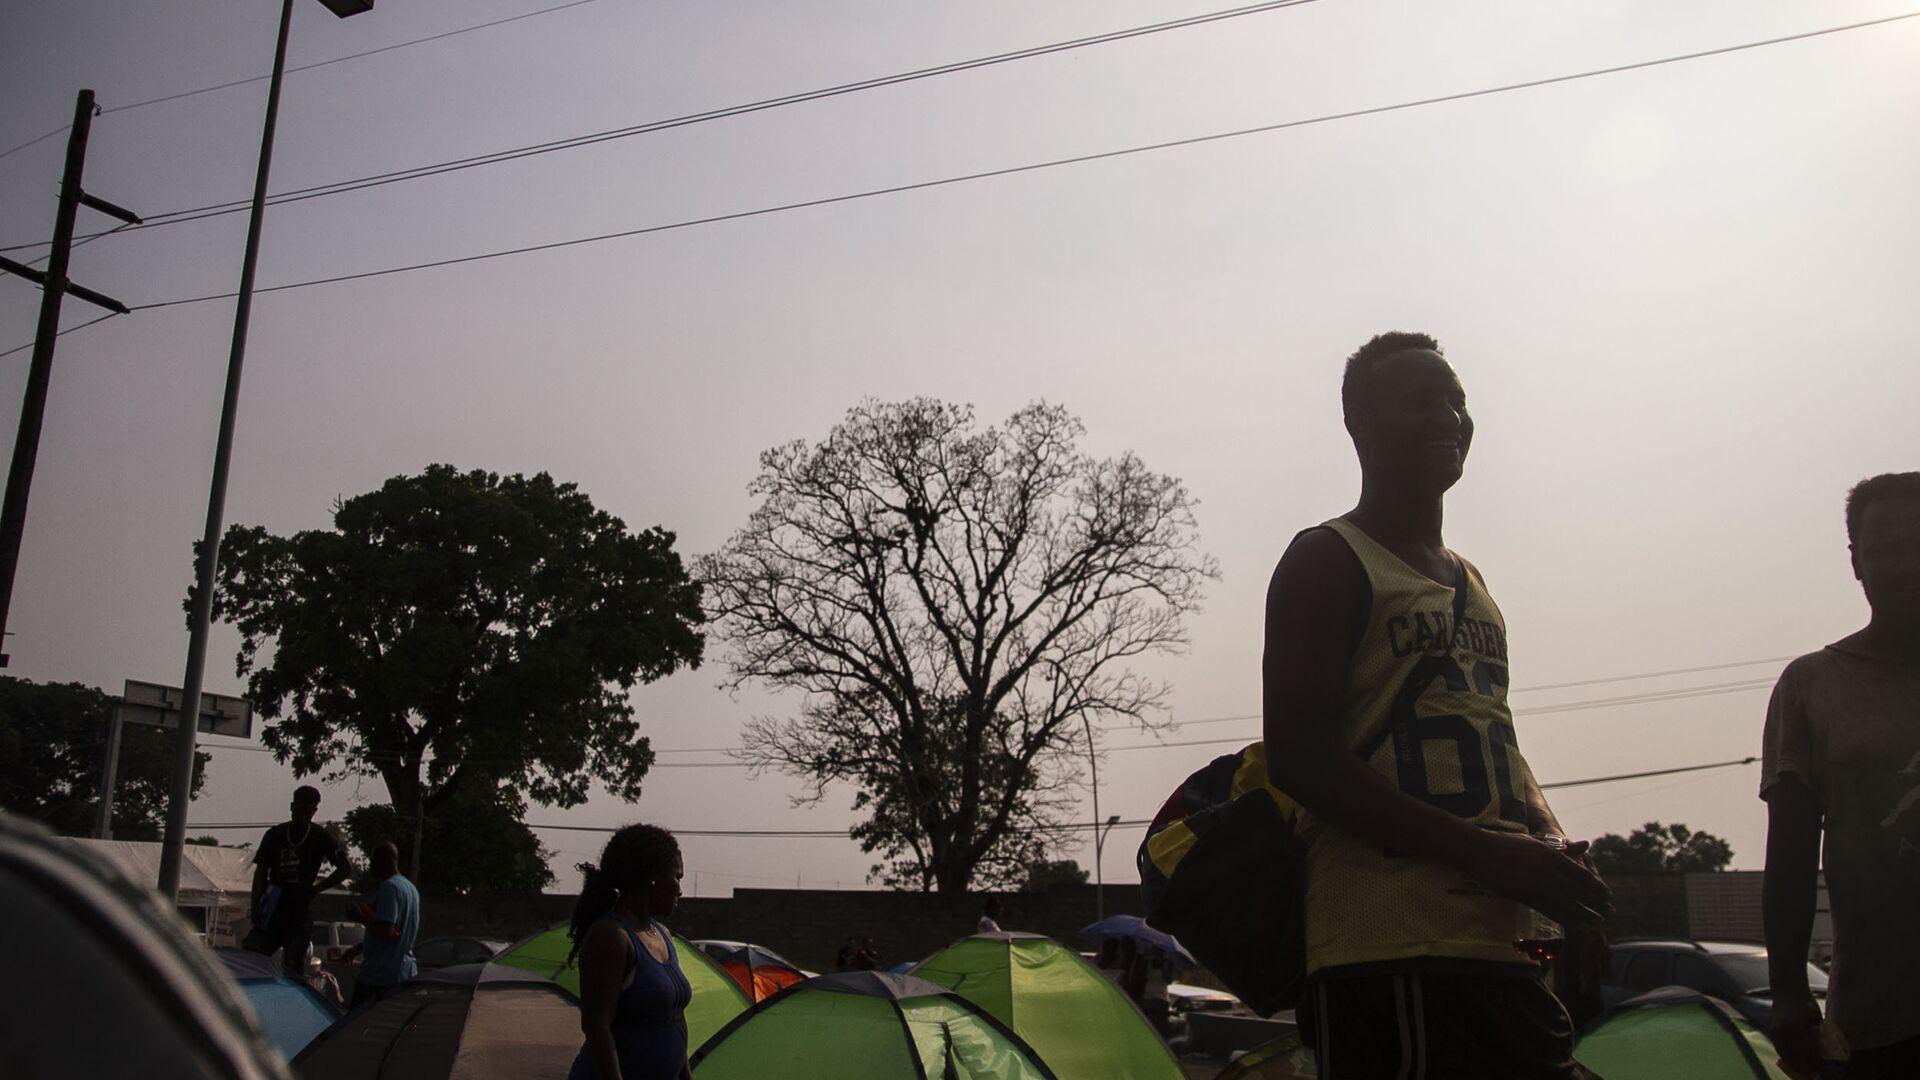 Tapachula, Chiapas: Campamento de haitianos y africanos frente la cárcel migratoria Siglo XXI, donde esperan que les resuelvan su situación en México - Sputnik Mundo, 1920, 21.09.2021